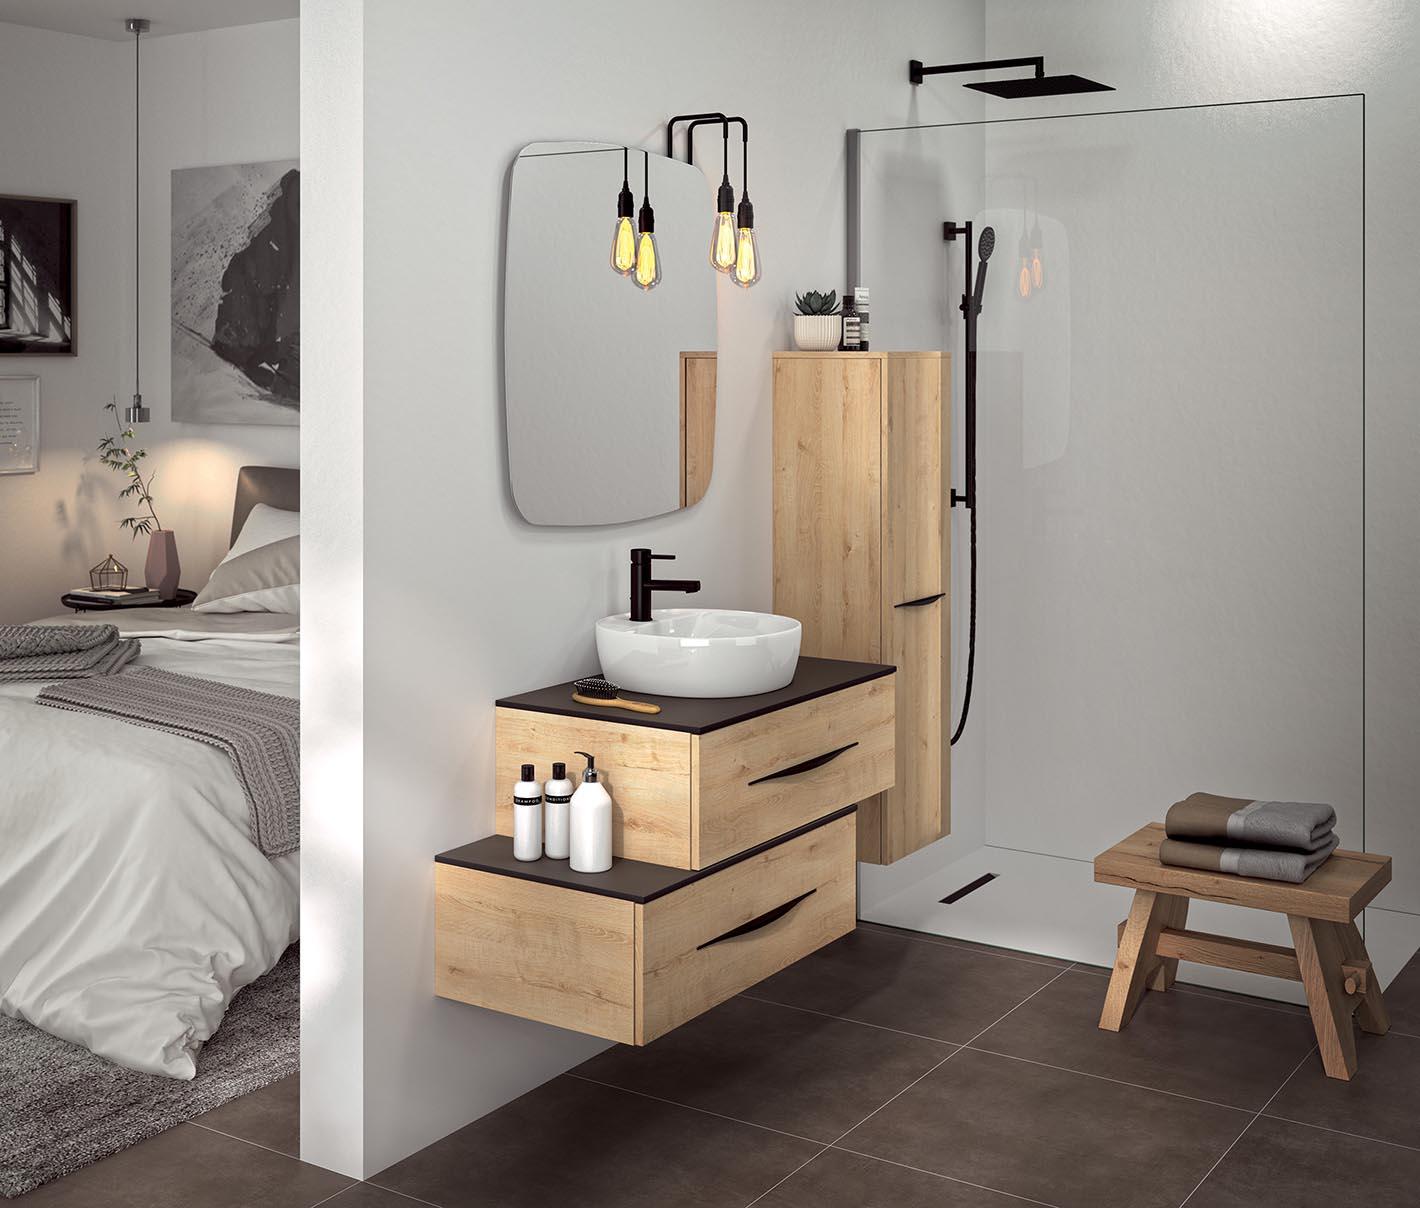 Meuble sde salle de bains en bois Bento de Decotec chez Grandbains